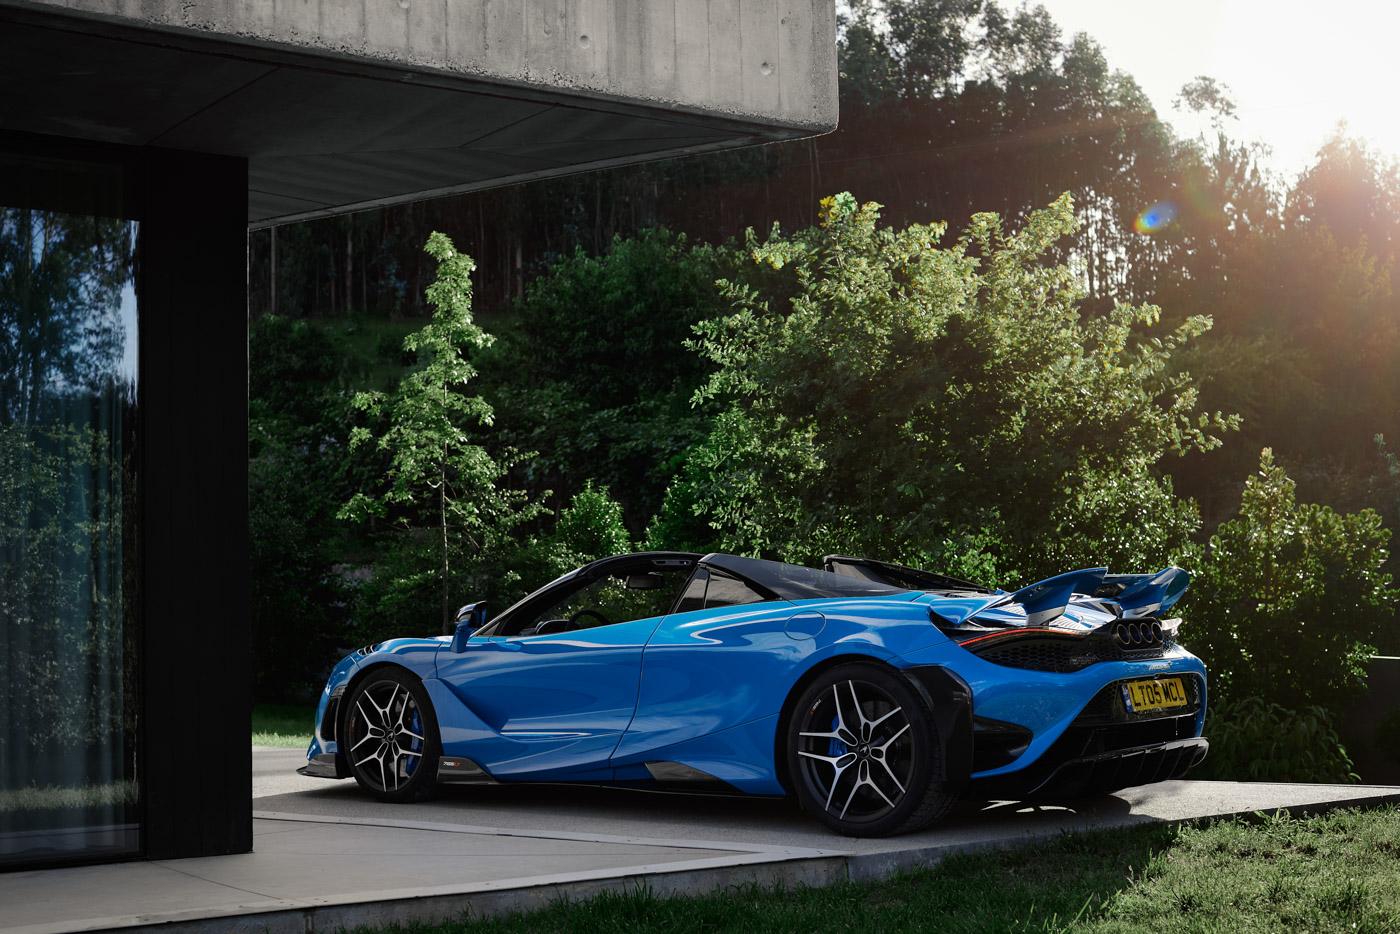 McLaren-765-LT-Spider-siêu-xe-mui-trần-hiệu-năng-cao-dẫn-đầu-phân-khúc-5.jpg